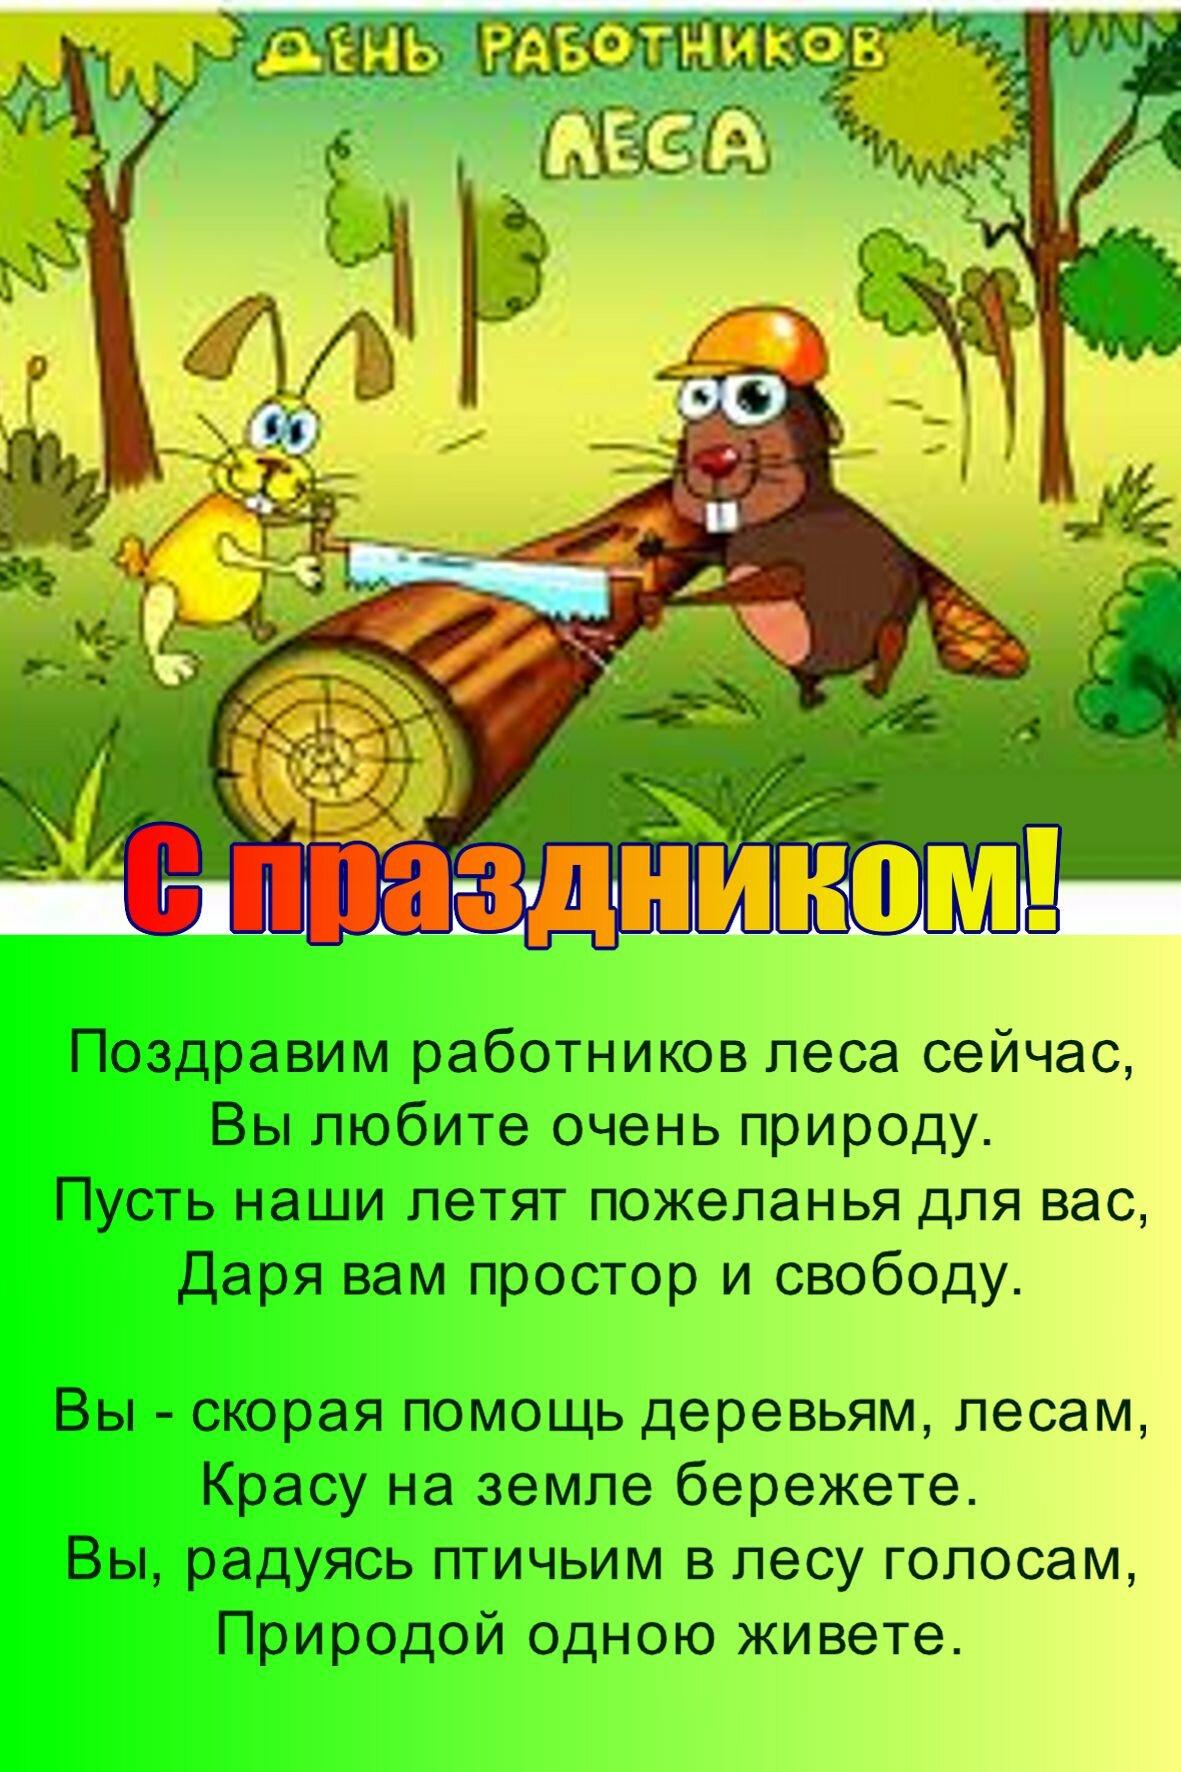 Поздравления с Днем Работников леса в стихах и прозе